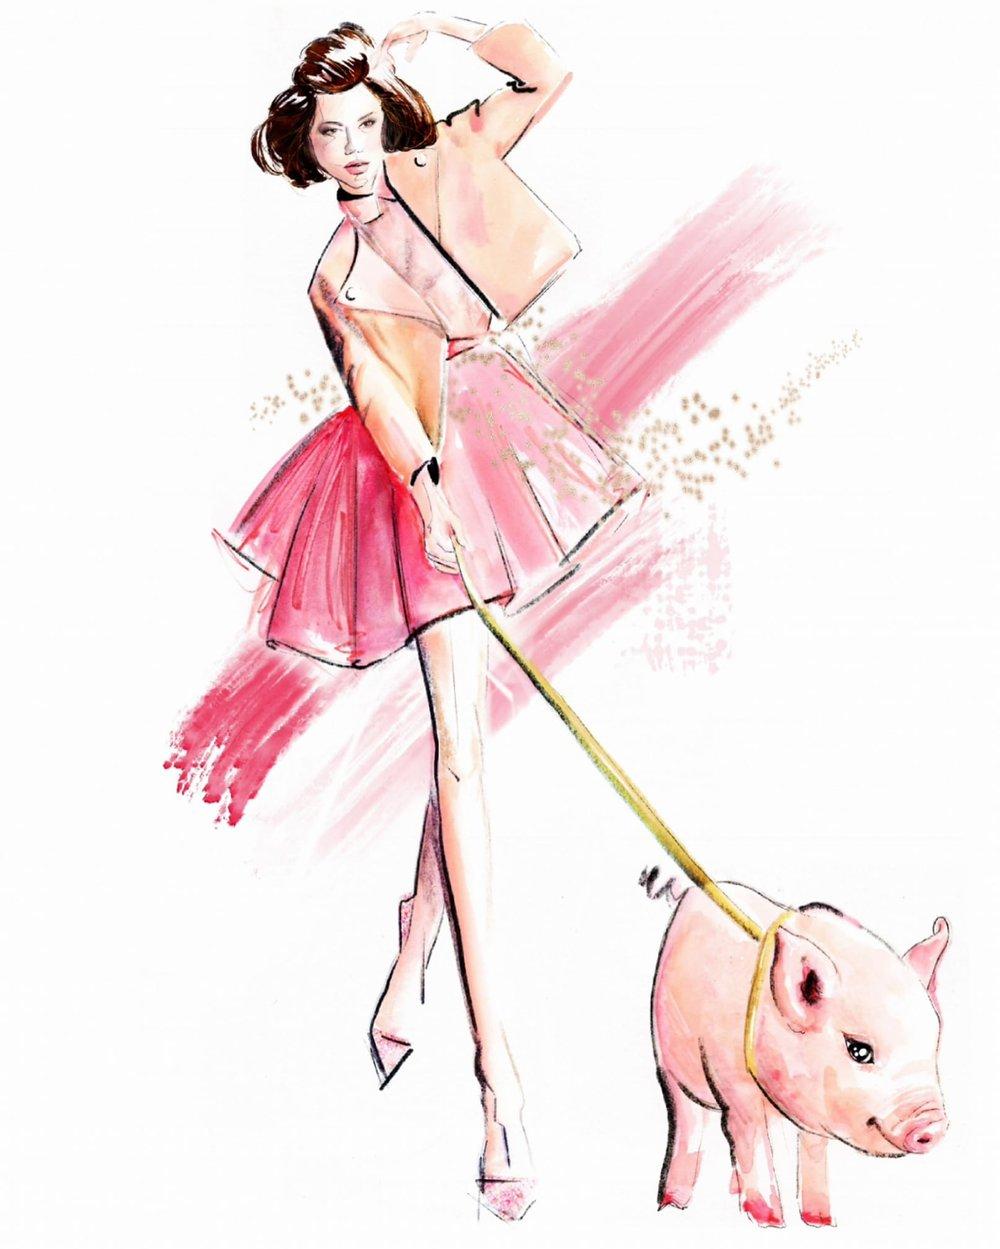 恭喜發財 Kung Hei Fat Choi - Year of the Pig 2019.jpg